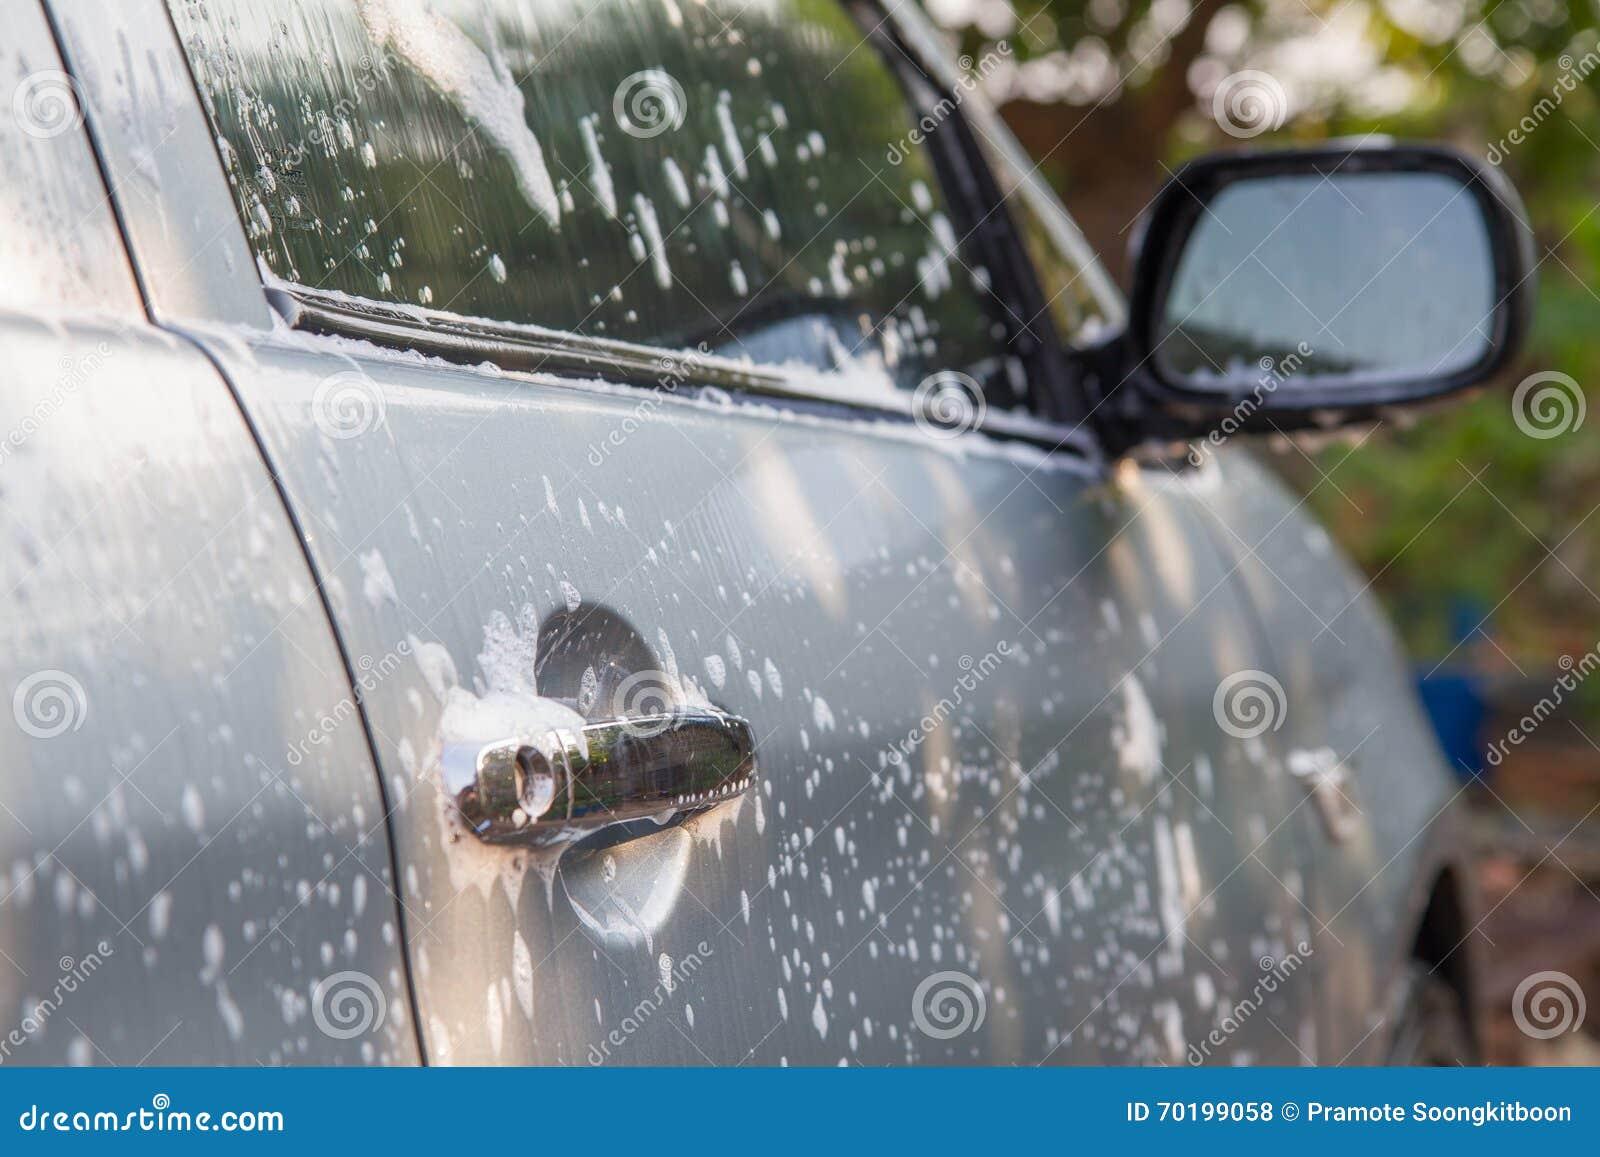 För slangmaskin för bil clean wash för svamp